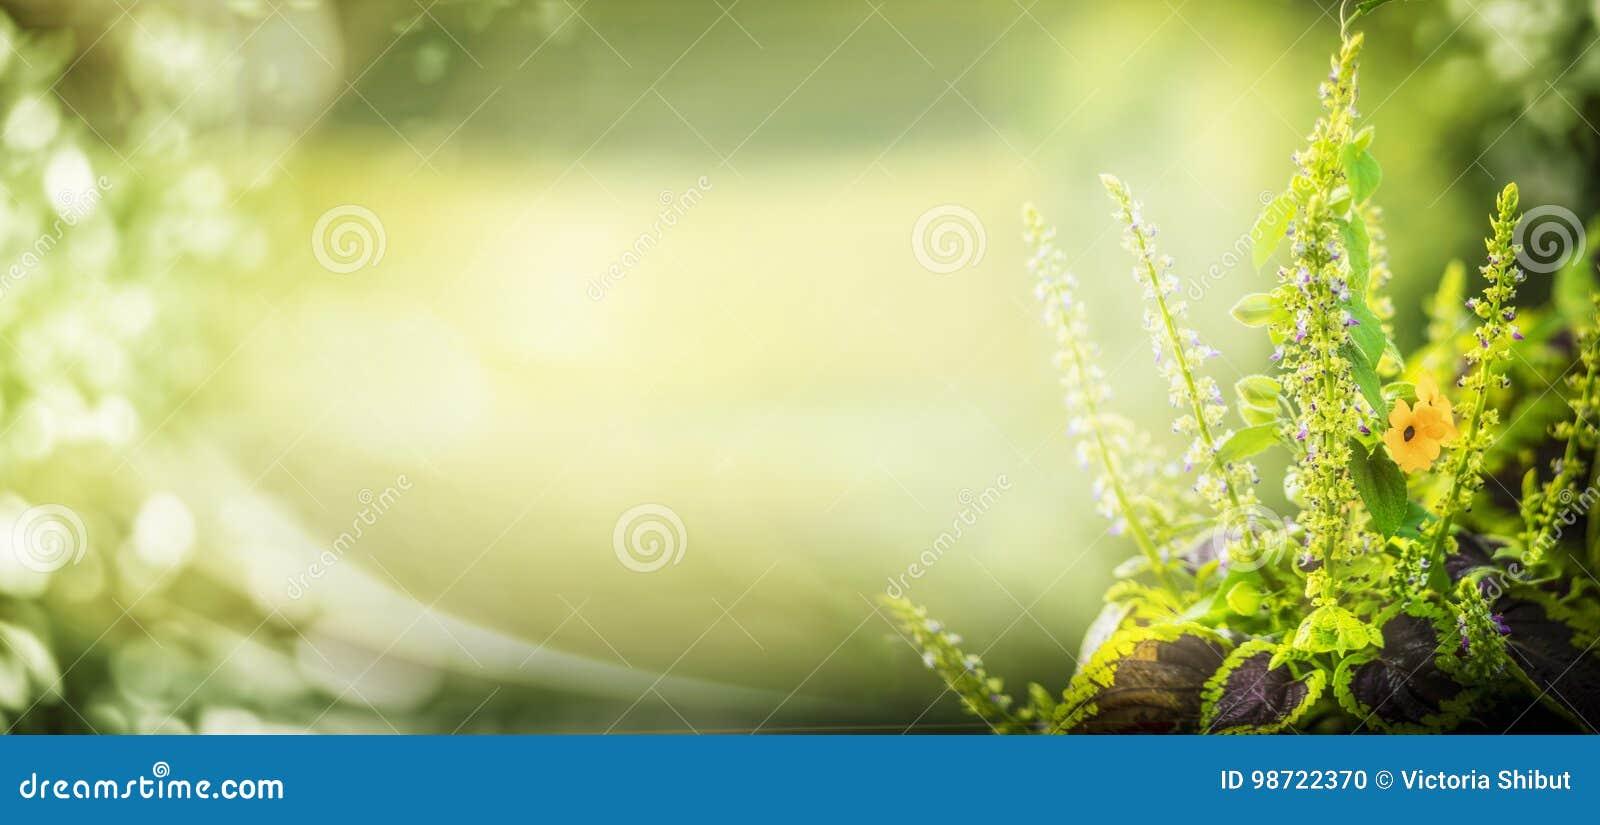 与庭园花木和bokeh照明设备,花卉边界的绿色自然背景